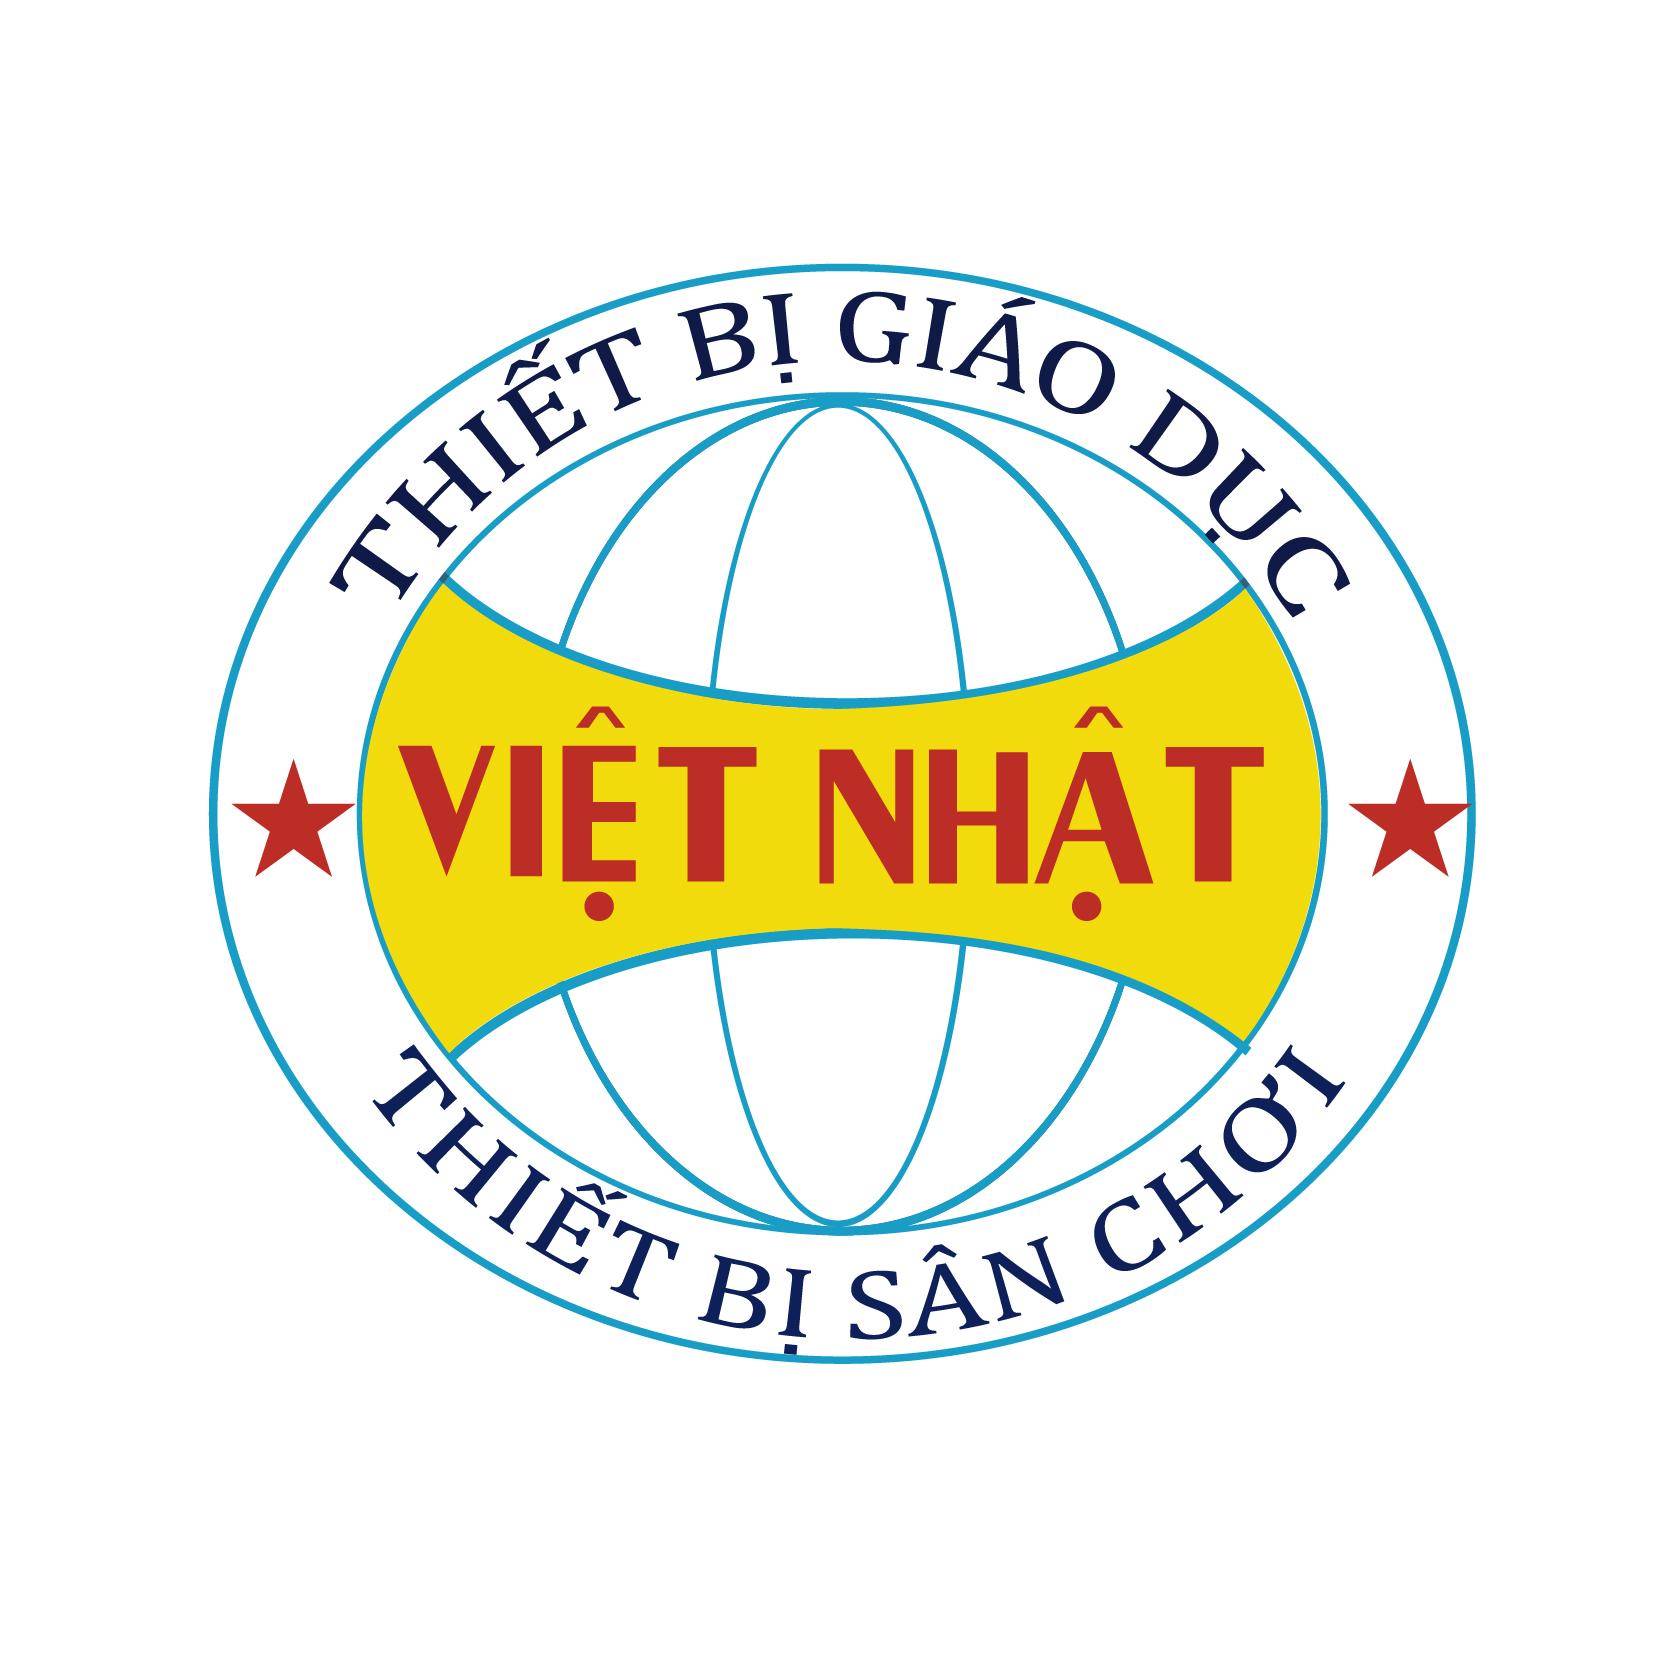 Công Ty TNHH Thiết Bị Giáo Dục Và Công Nghệ Việt Nhật